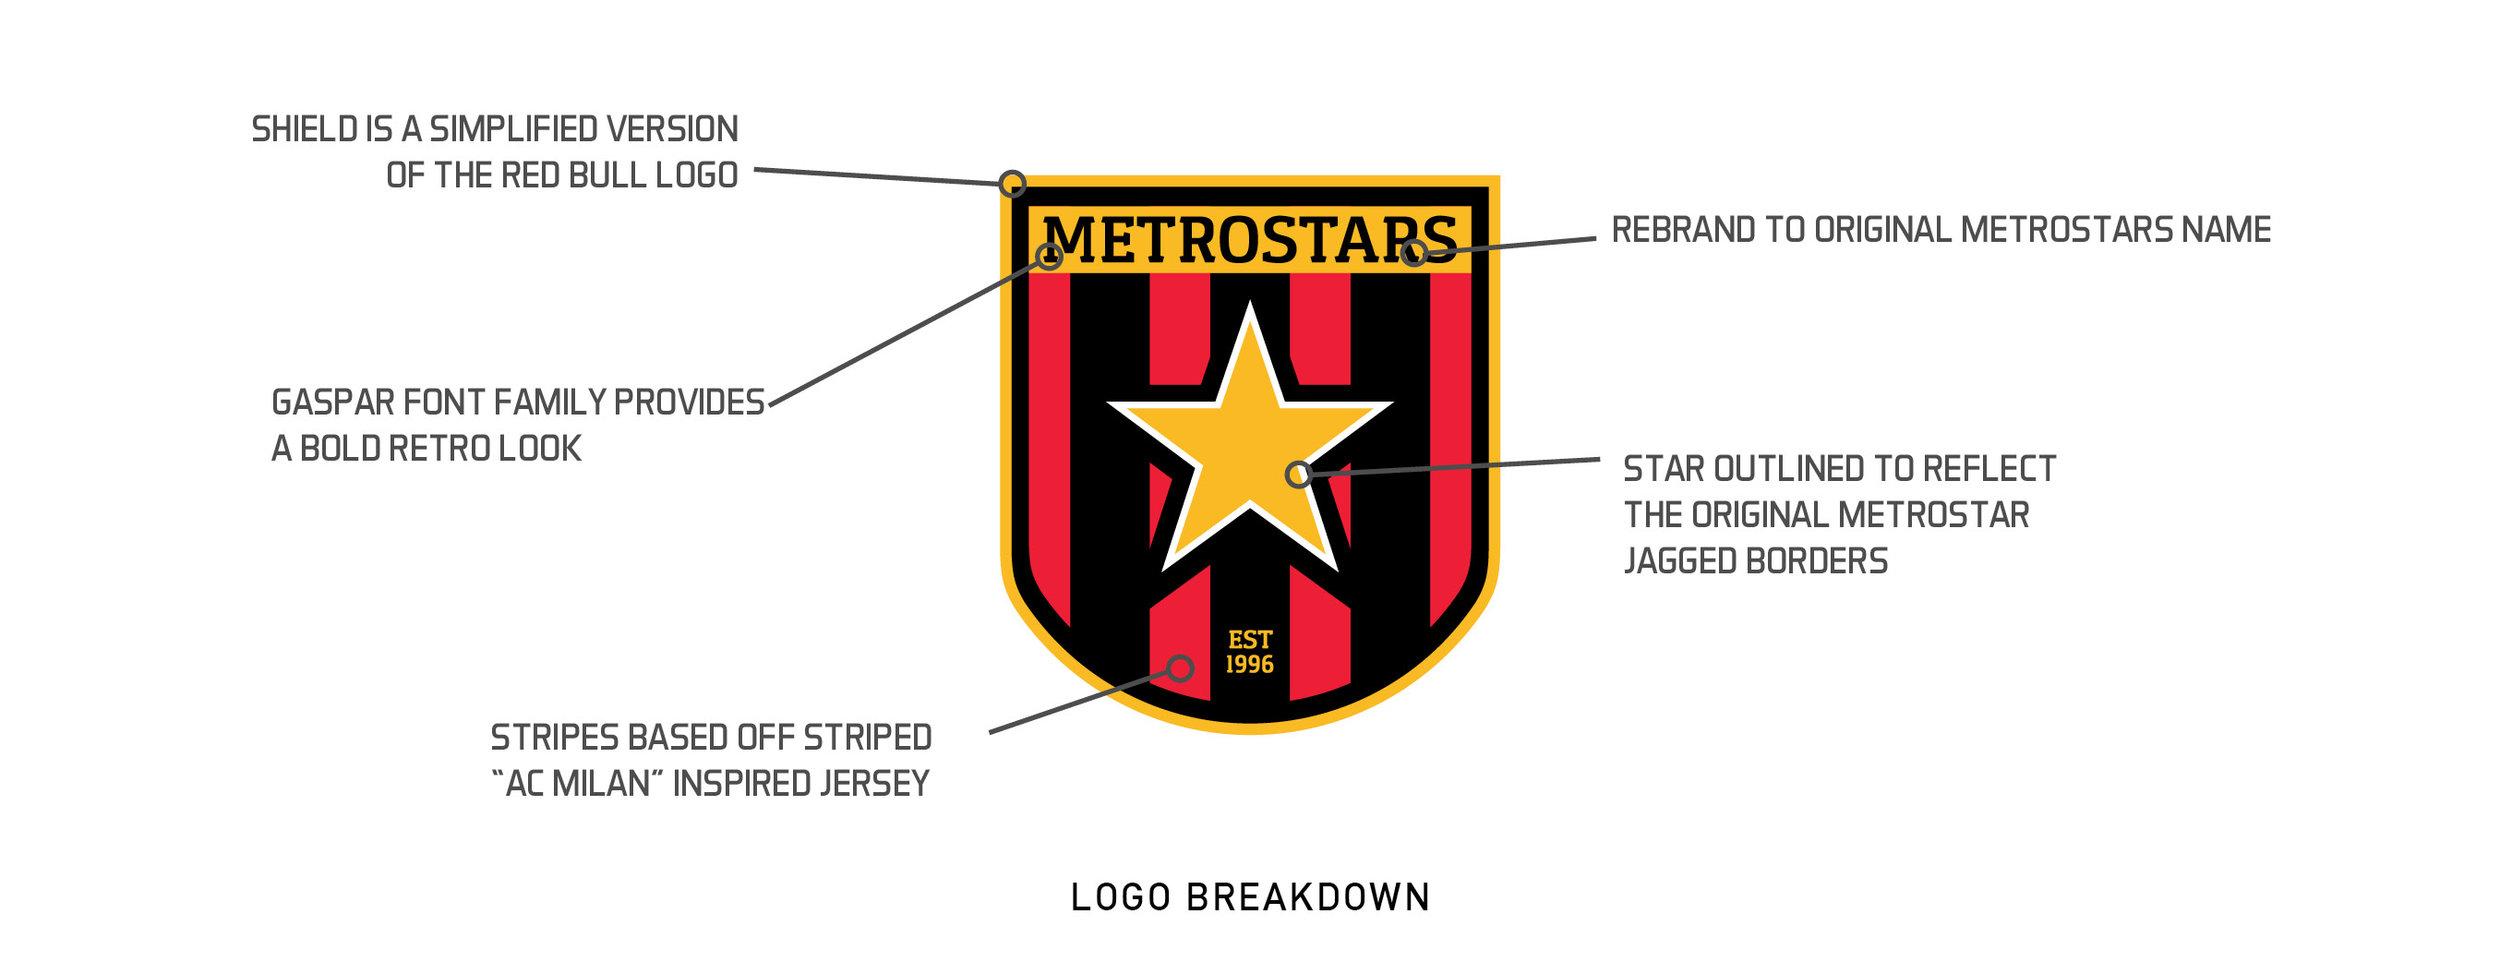 NYRB -Metrostars logo breakdown.jpg